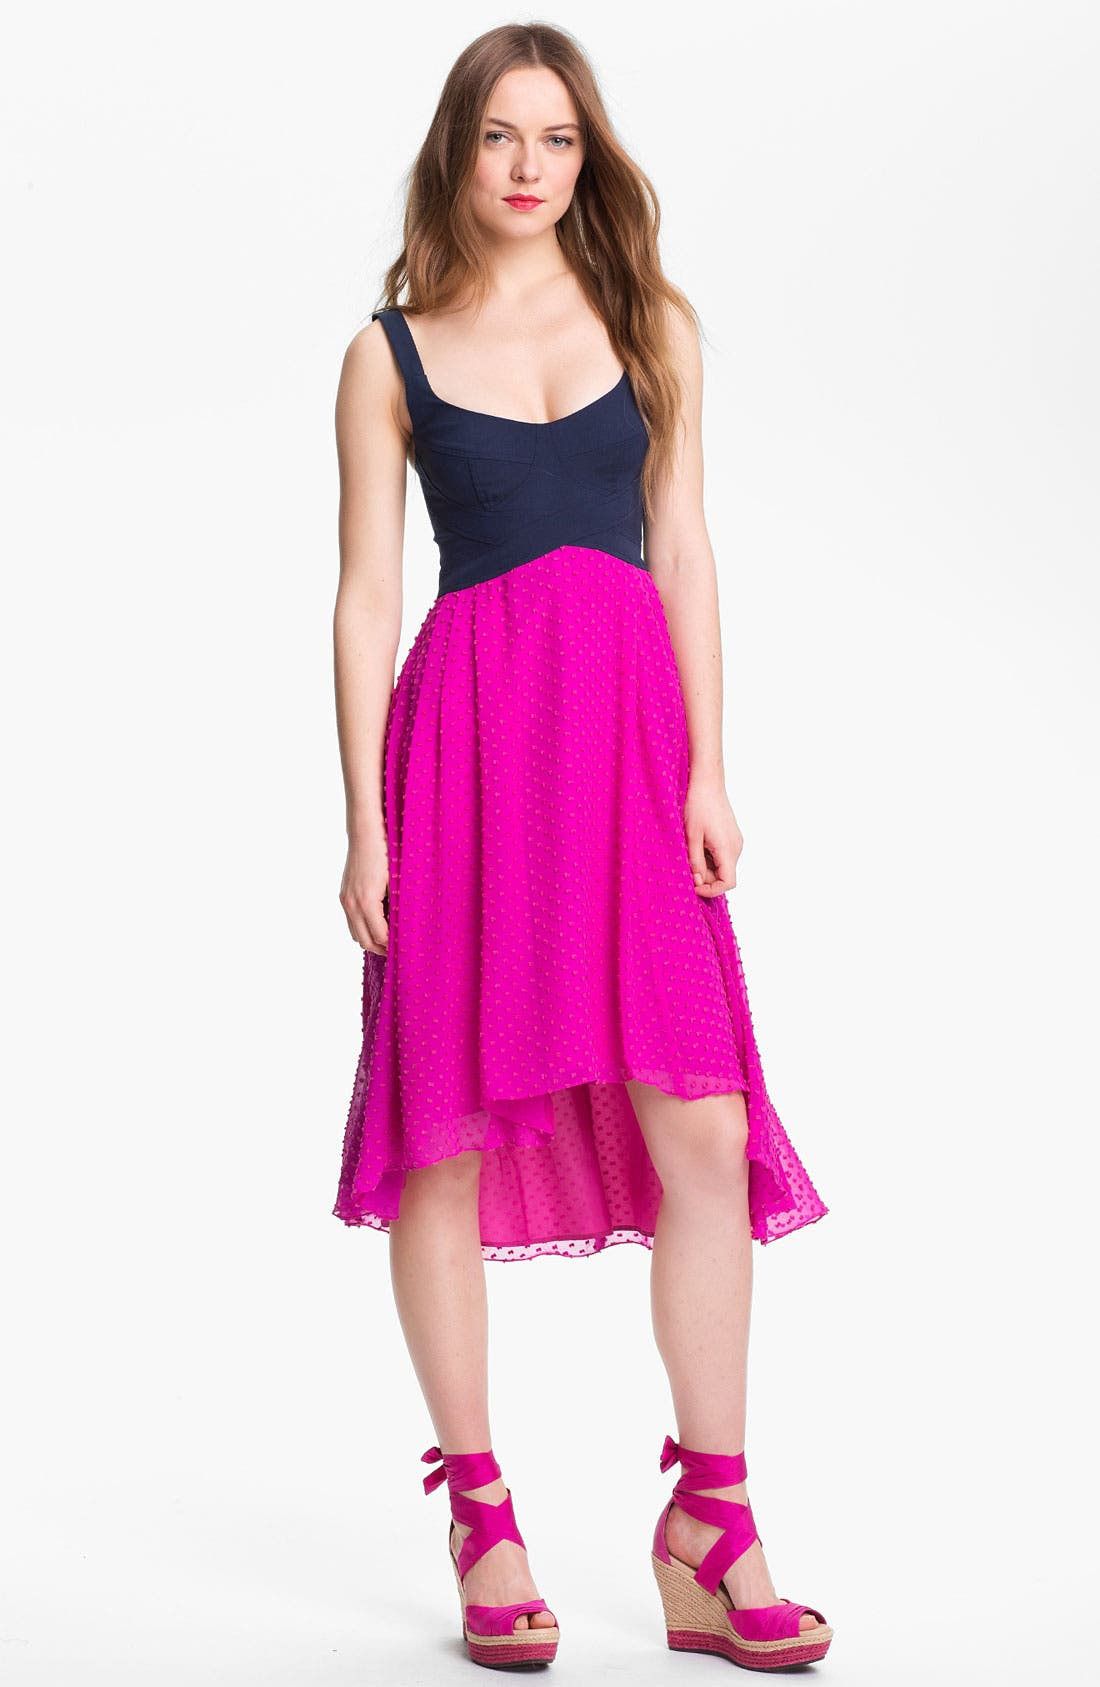 Alternate Image 1 Selected - Nanette Lepore 'Mermaid' Multi Media Fit & Flare Dress